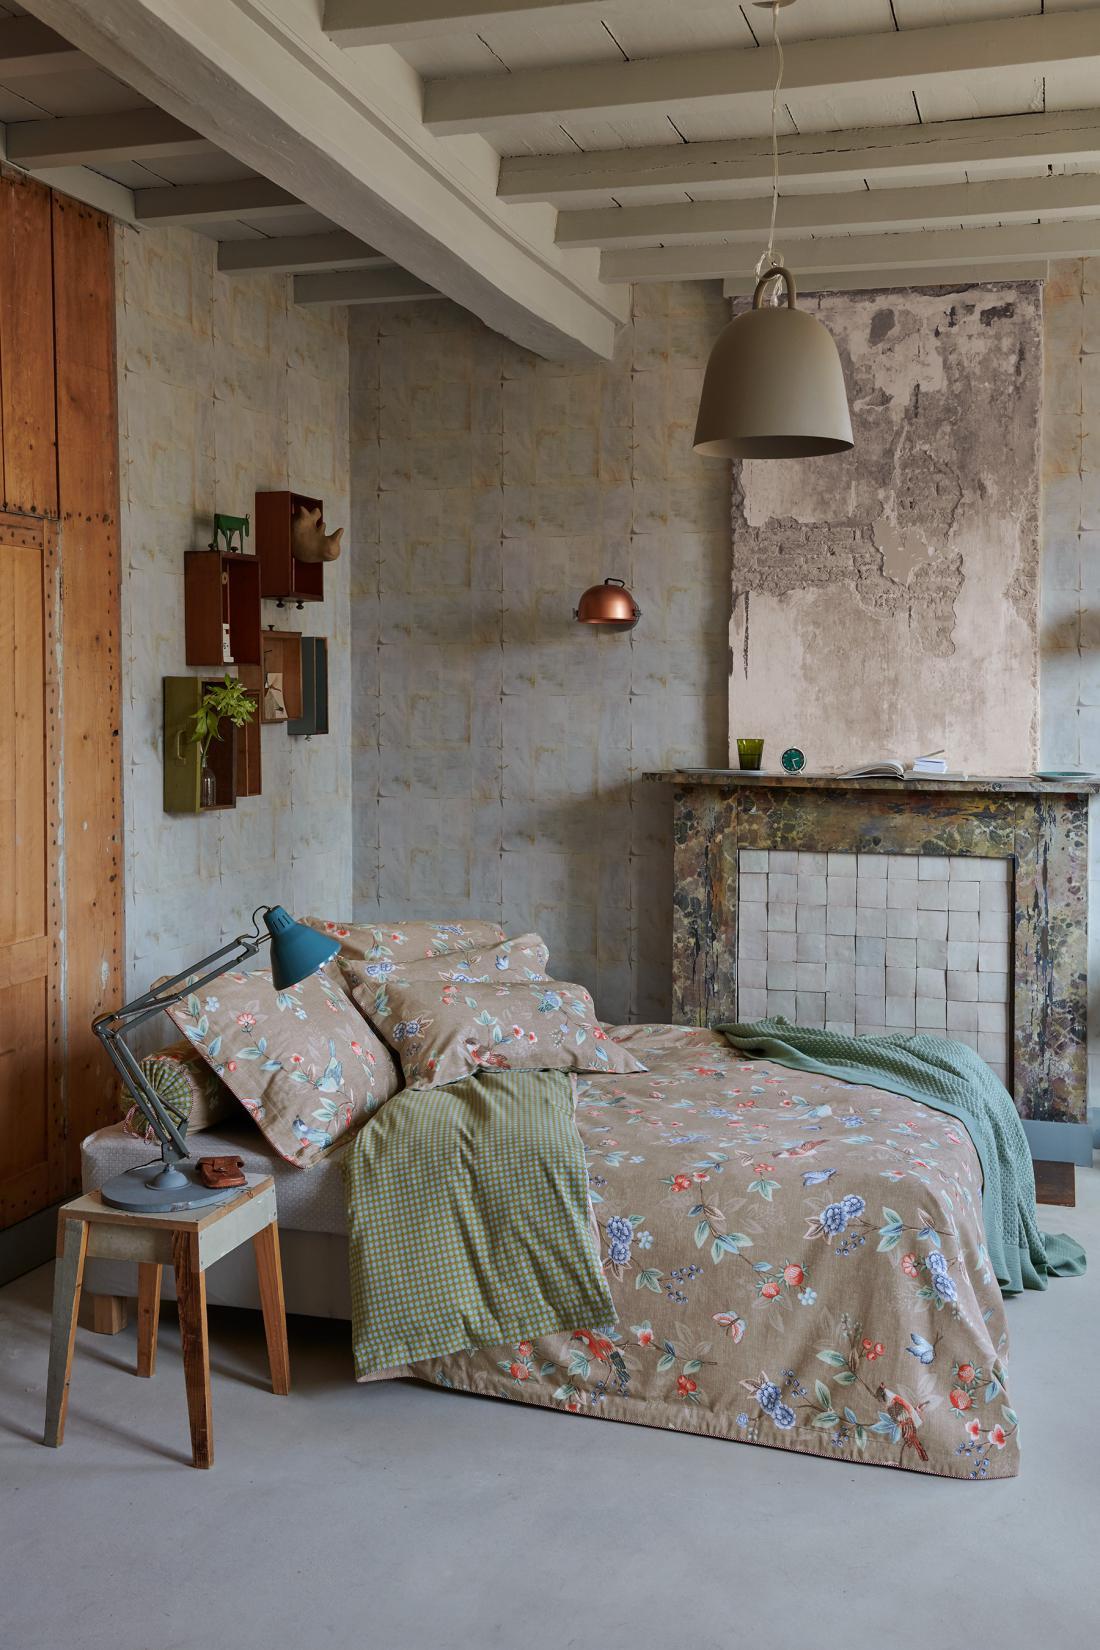 K boljšemu spanju naj bi pripomoglo tudi okolje, v katerem spimo. K temu sodijo tudi umirjene barve opreme. FOTO: arhiv PiP studio